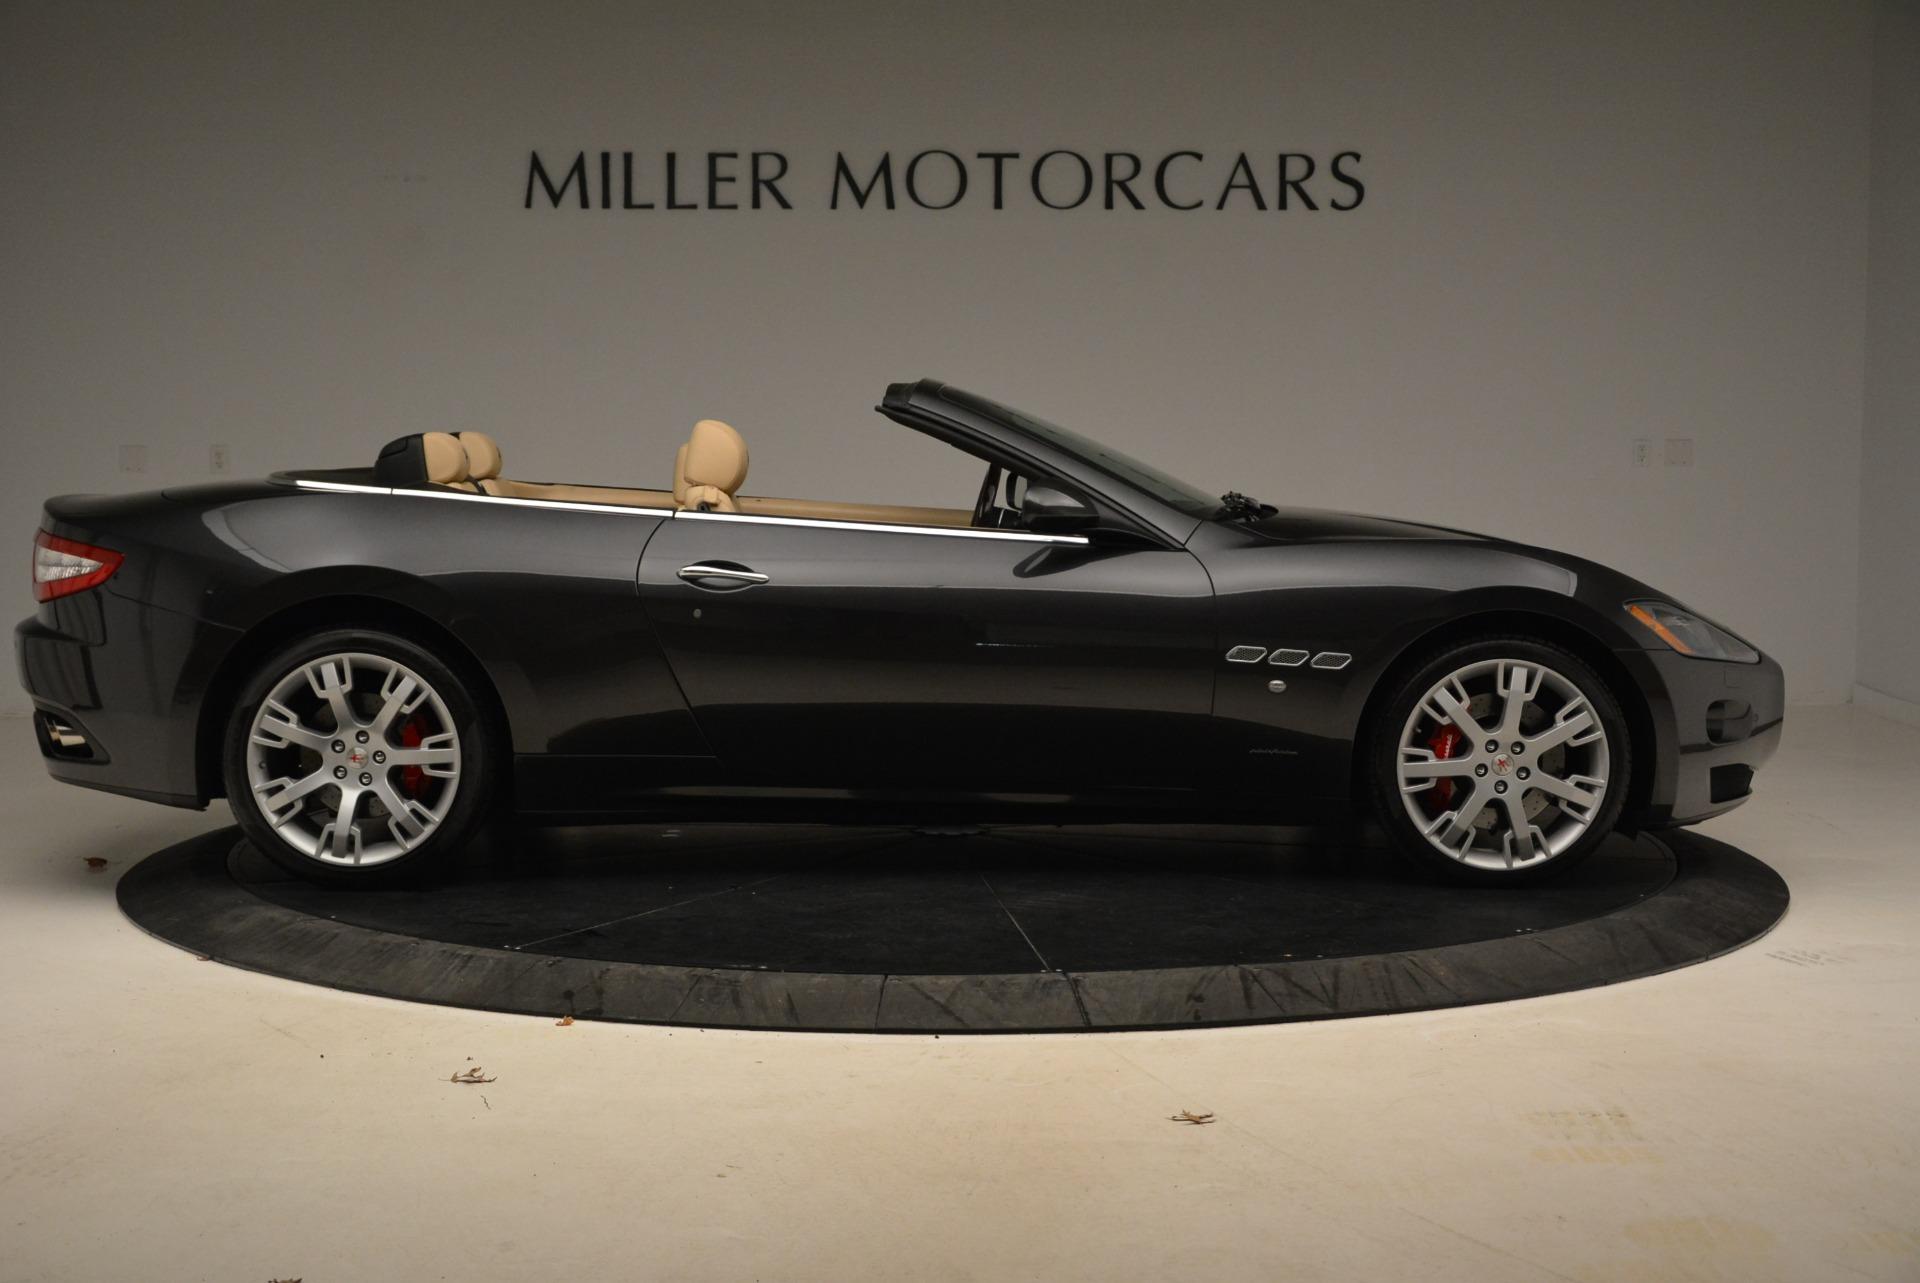 Used 2013 Maserati GranTurismo Convertible  For Sale In Greenwich, CT 2050_p9